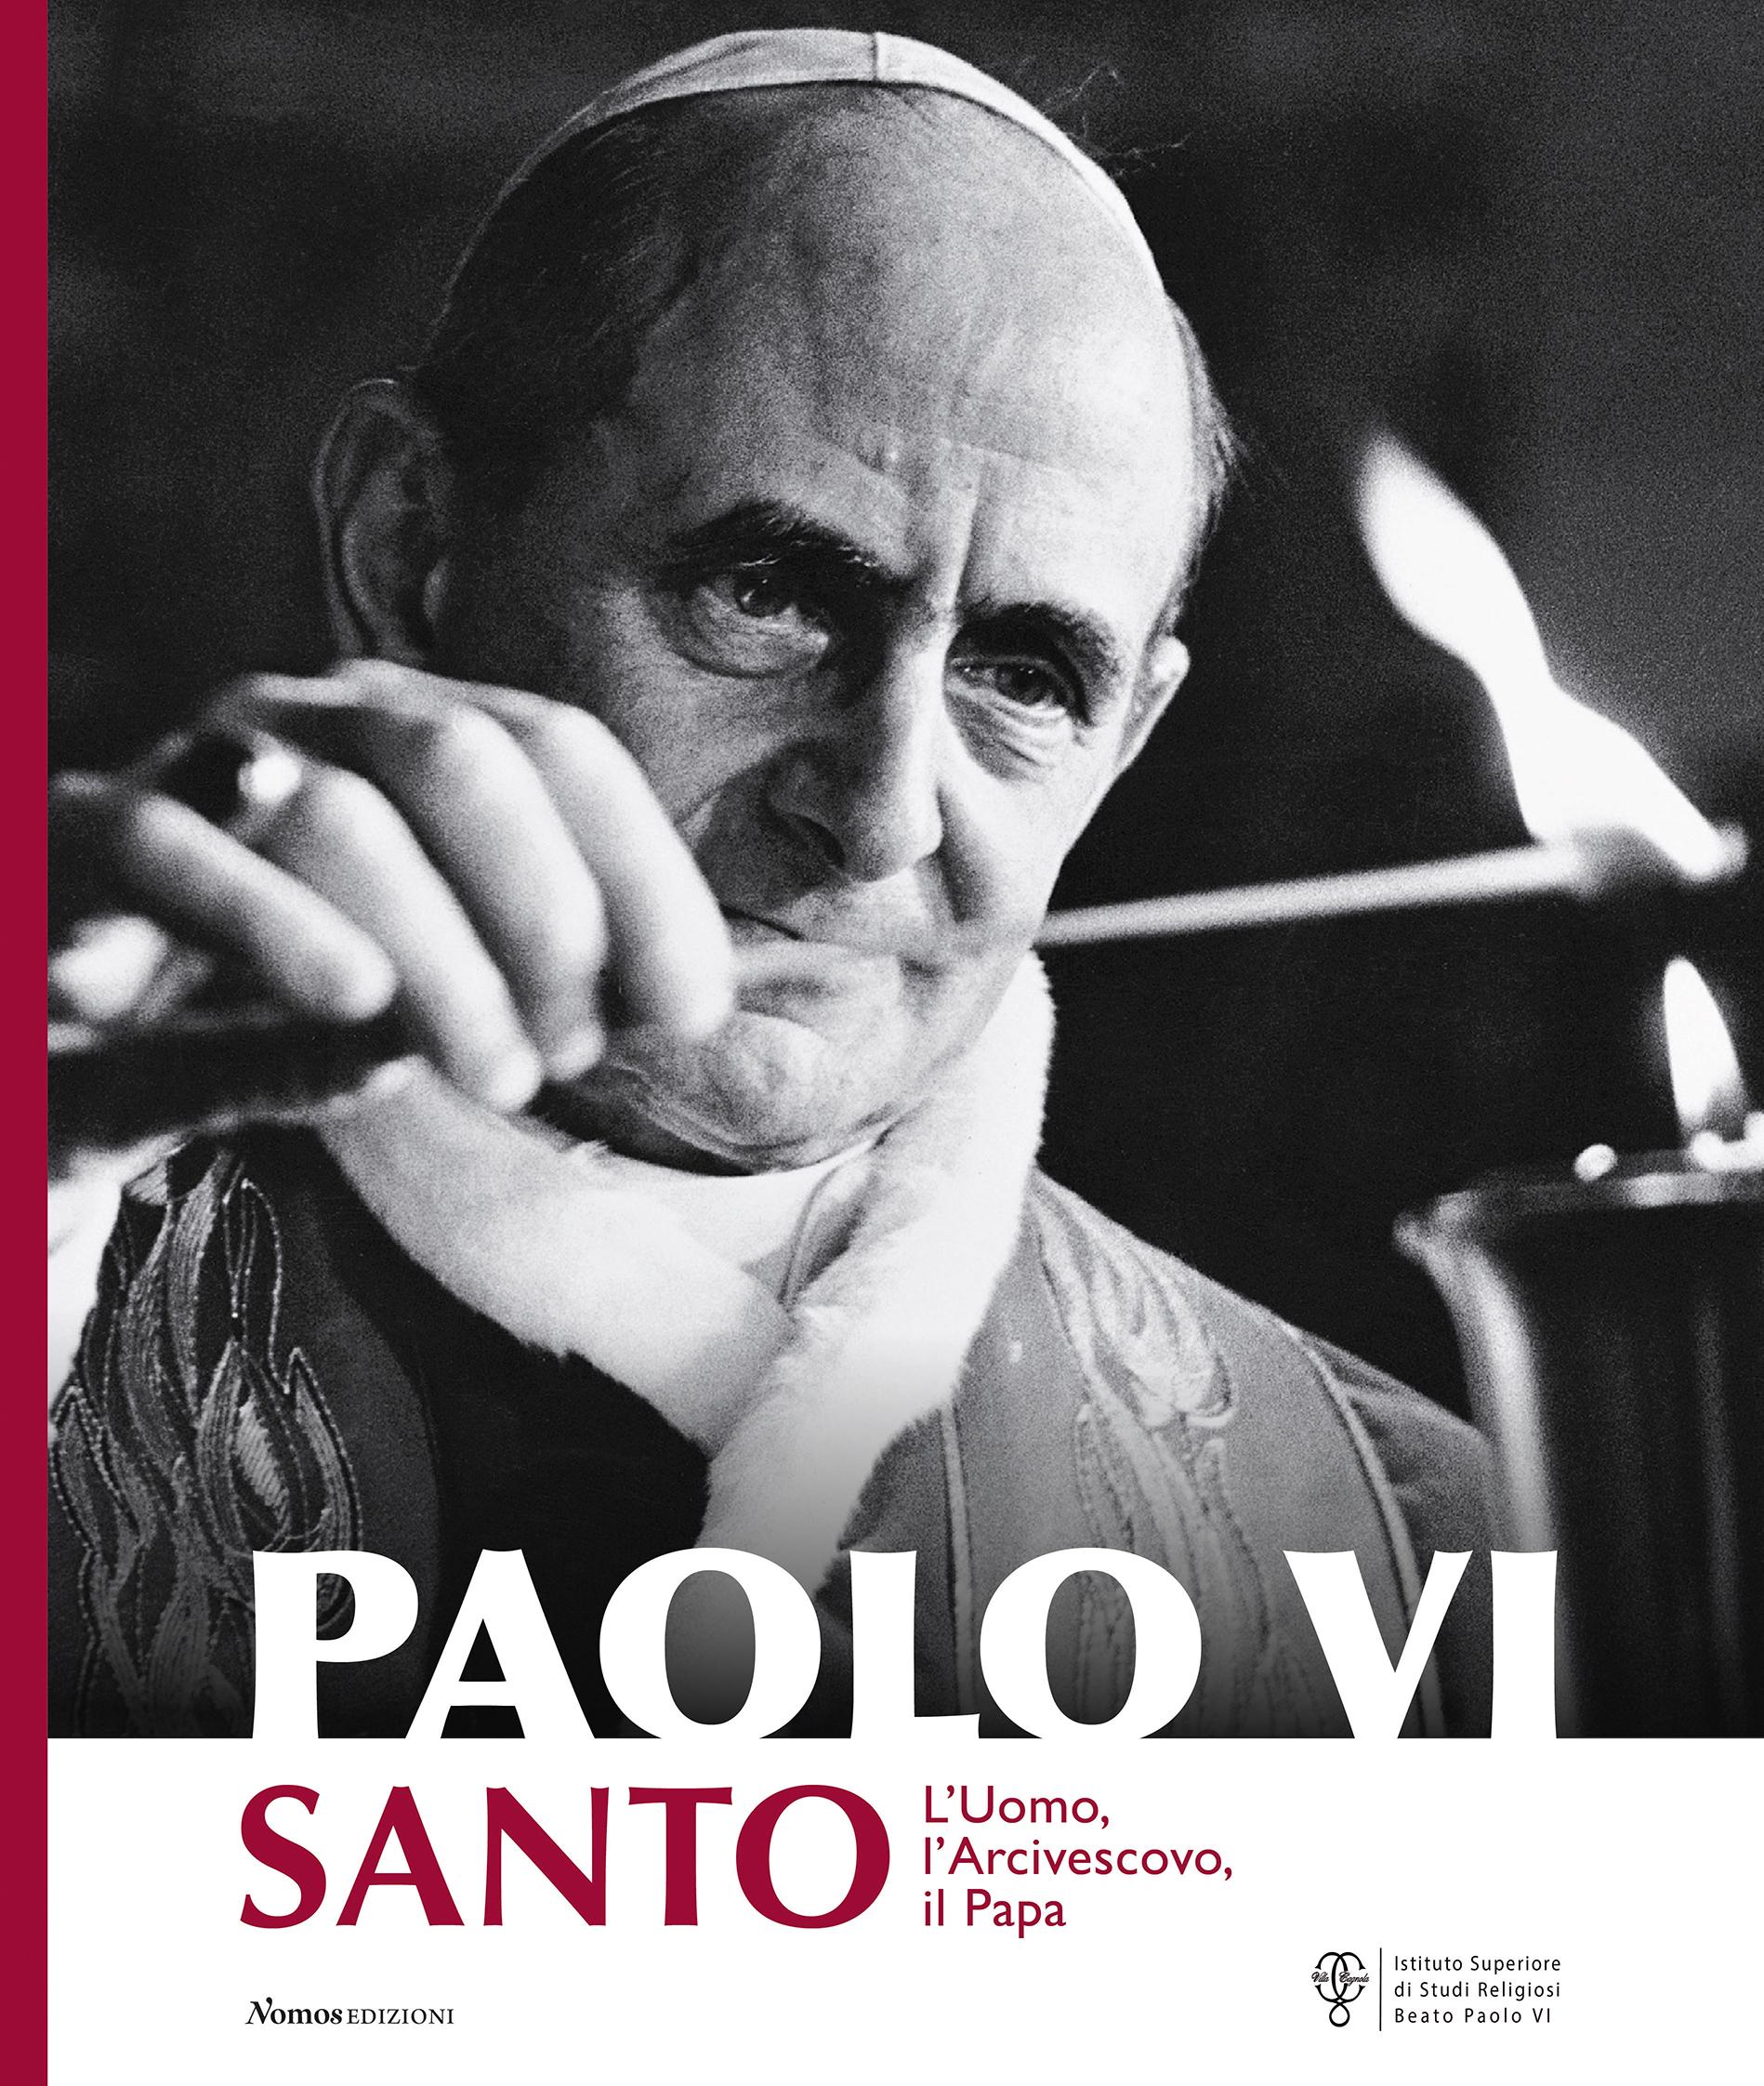 PAOLO VI SANTO copertina catalogo